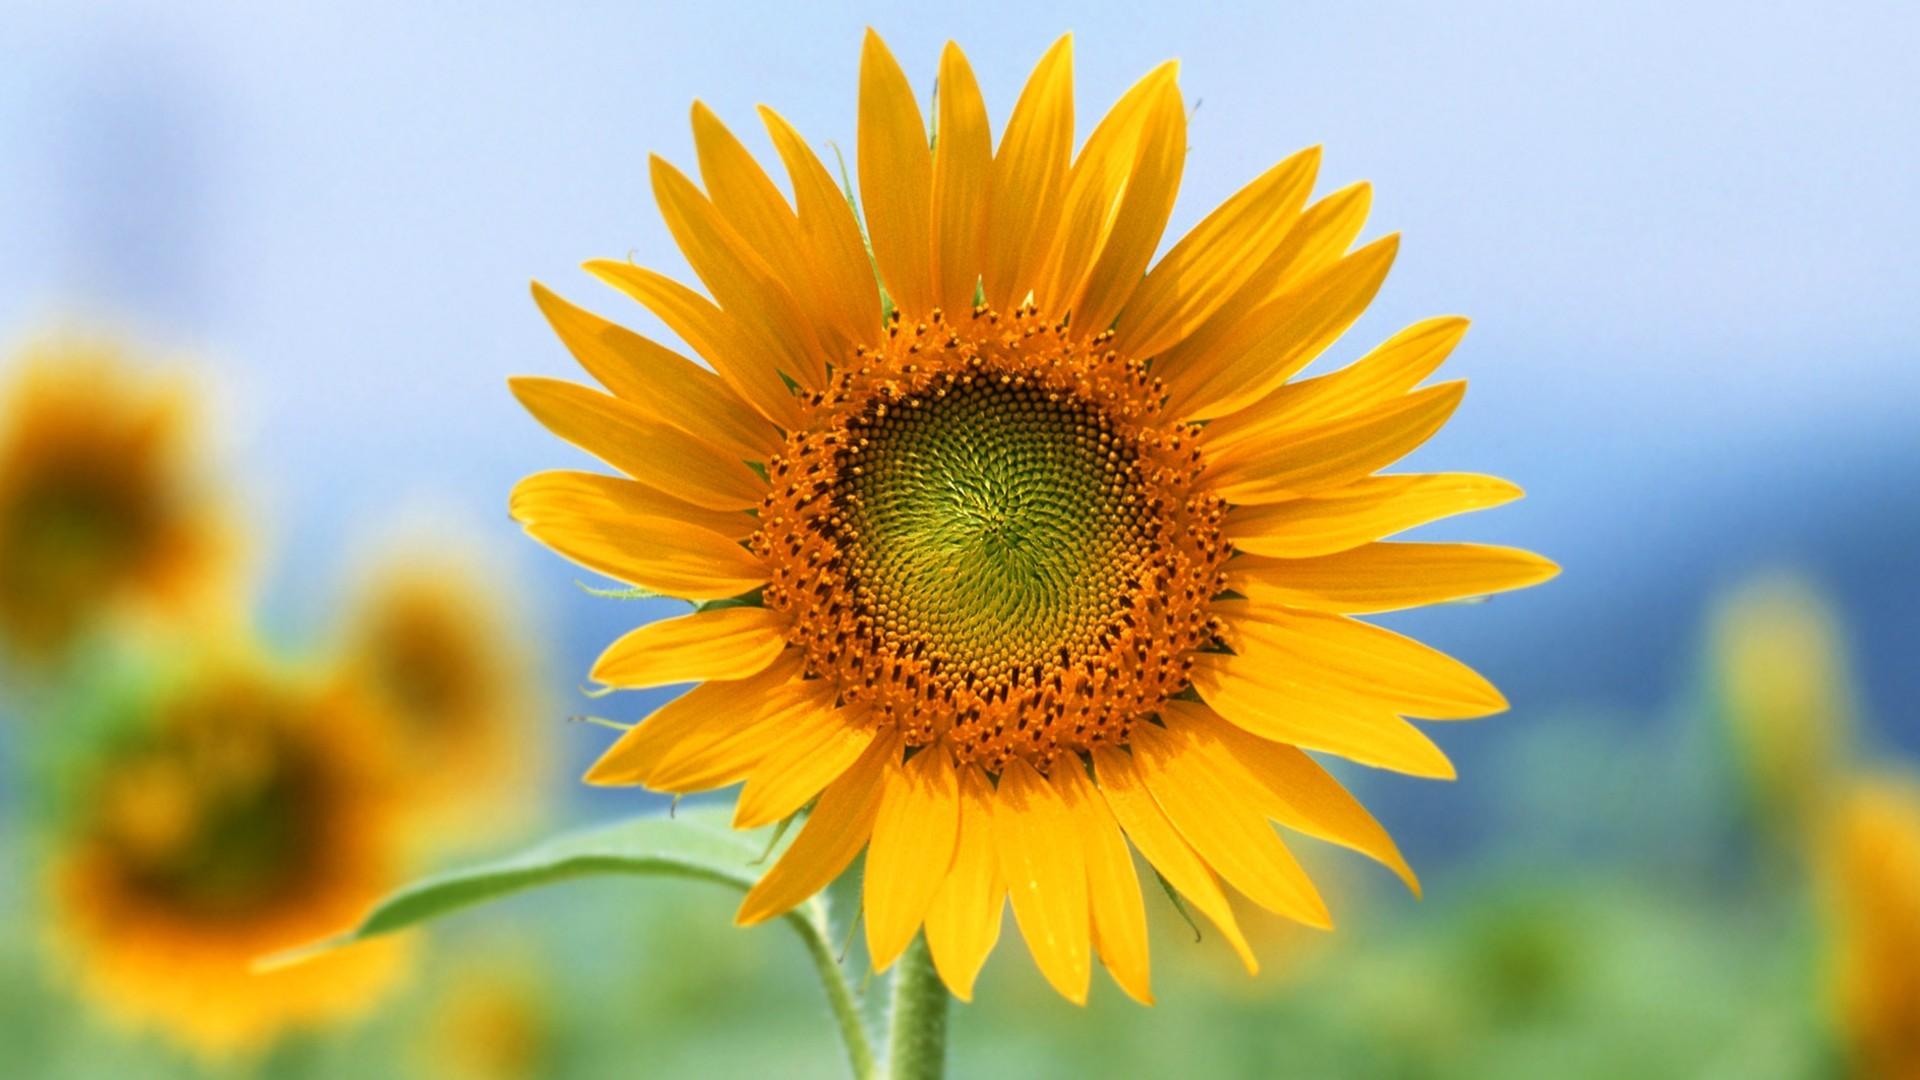 fond d 39 cran la nature champ jaune tournesols fleur flore p tale fleur sauvage plante. Black Bedroom Furniture Sets. Home Design Ideas